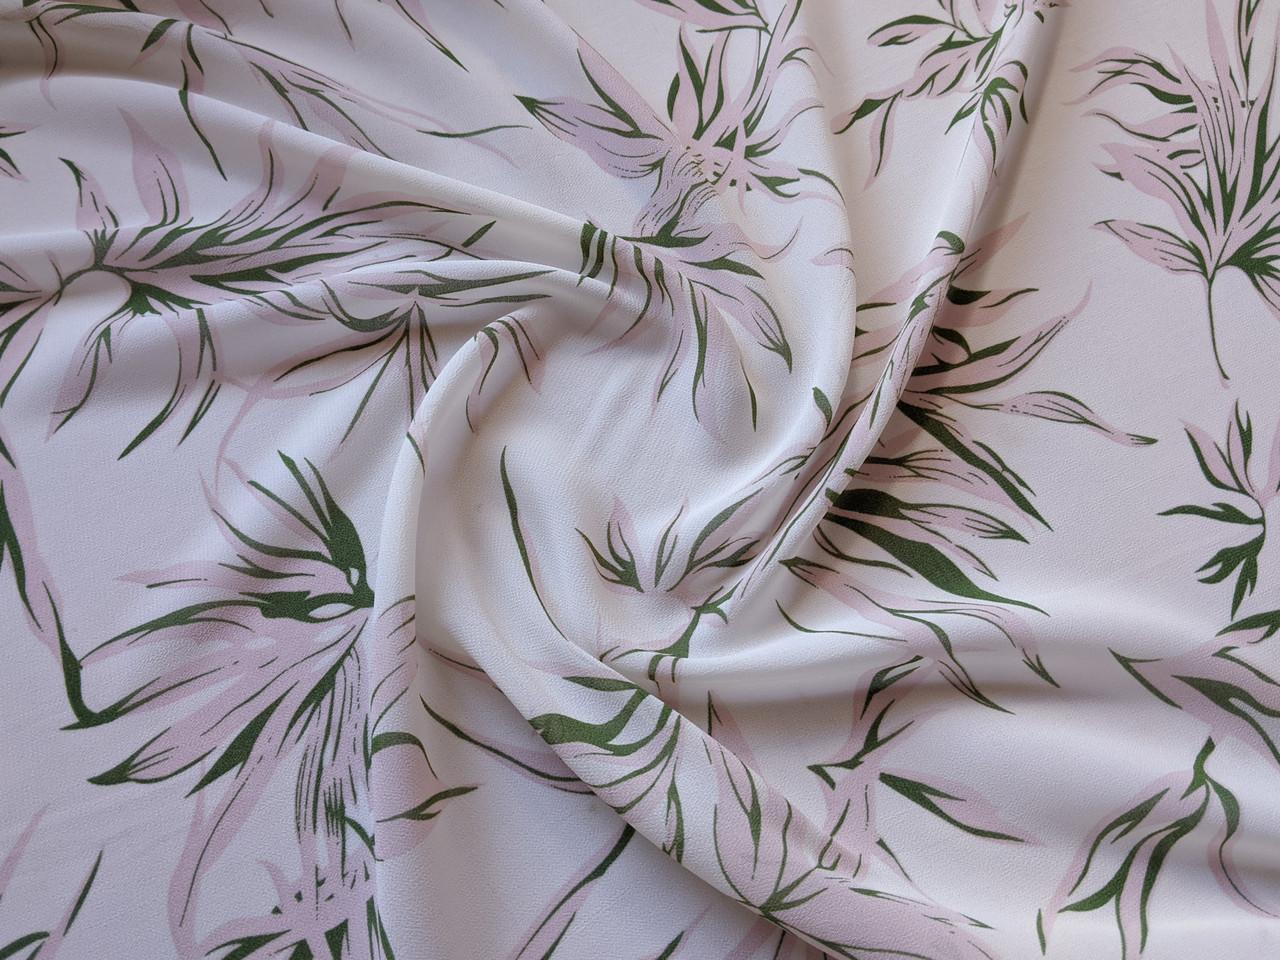 Ткань Шифон креповый пальмовые листья, молочный